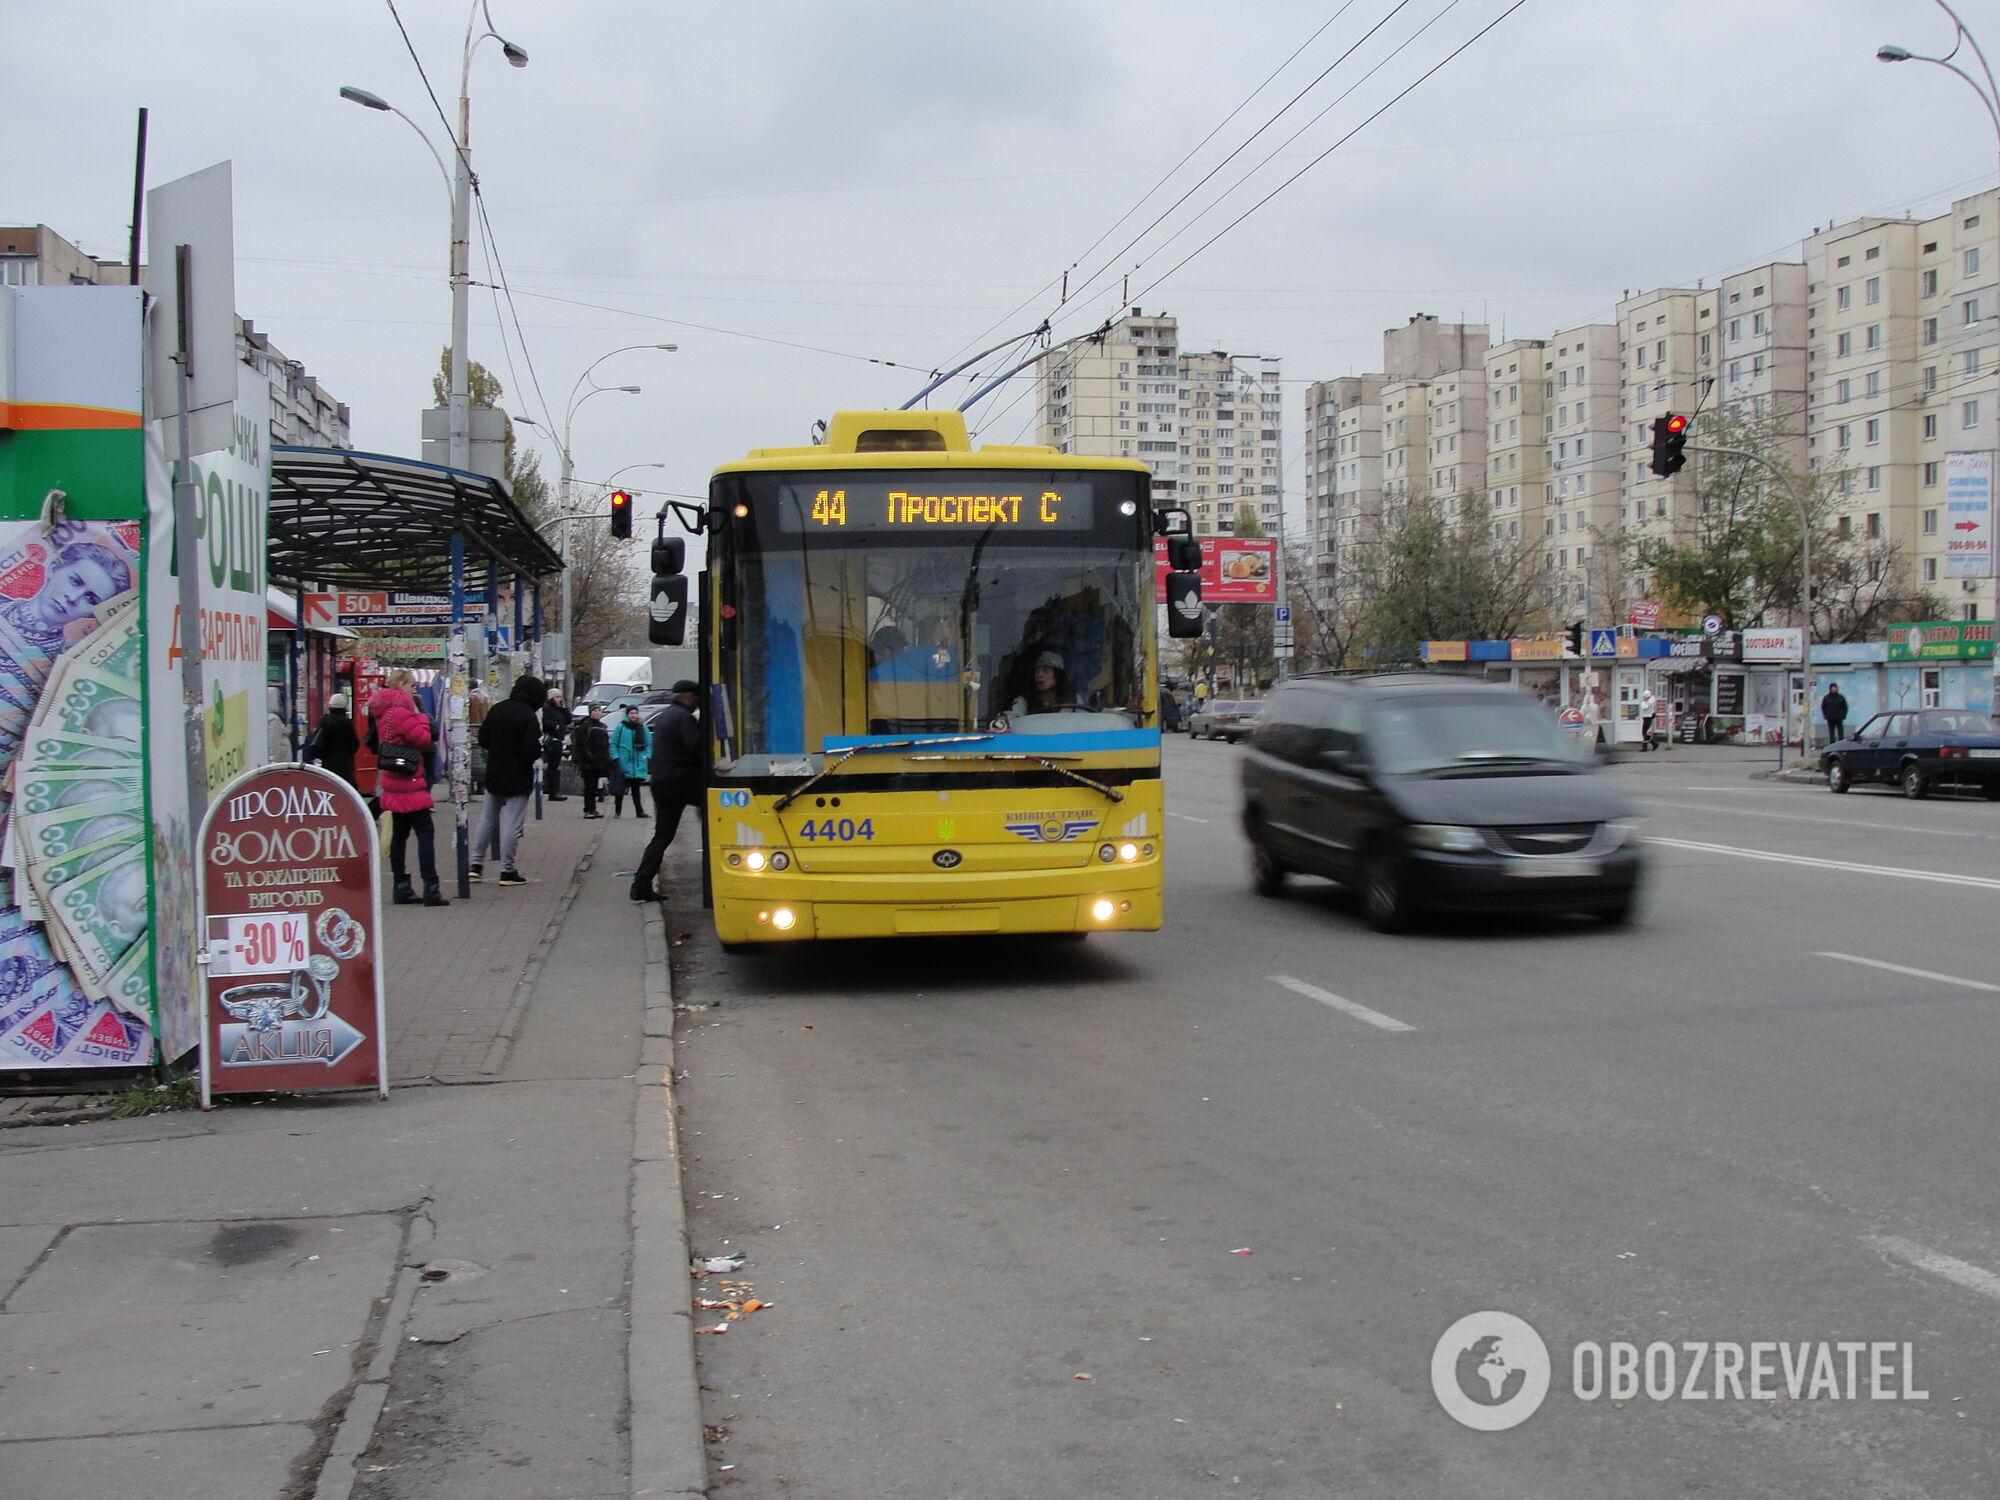 Злощасна зупинка на Героїв Дніпра в Києві